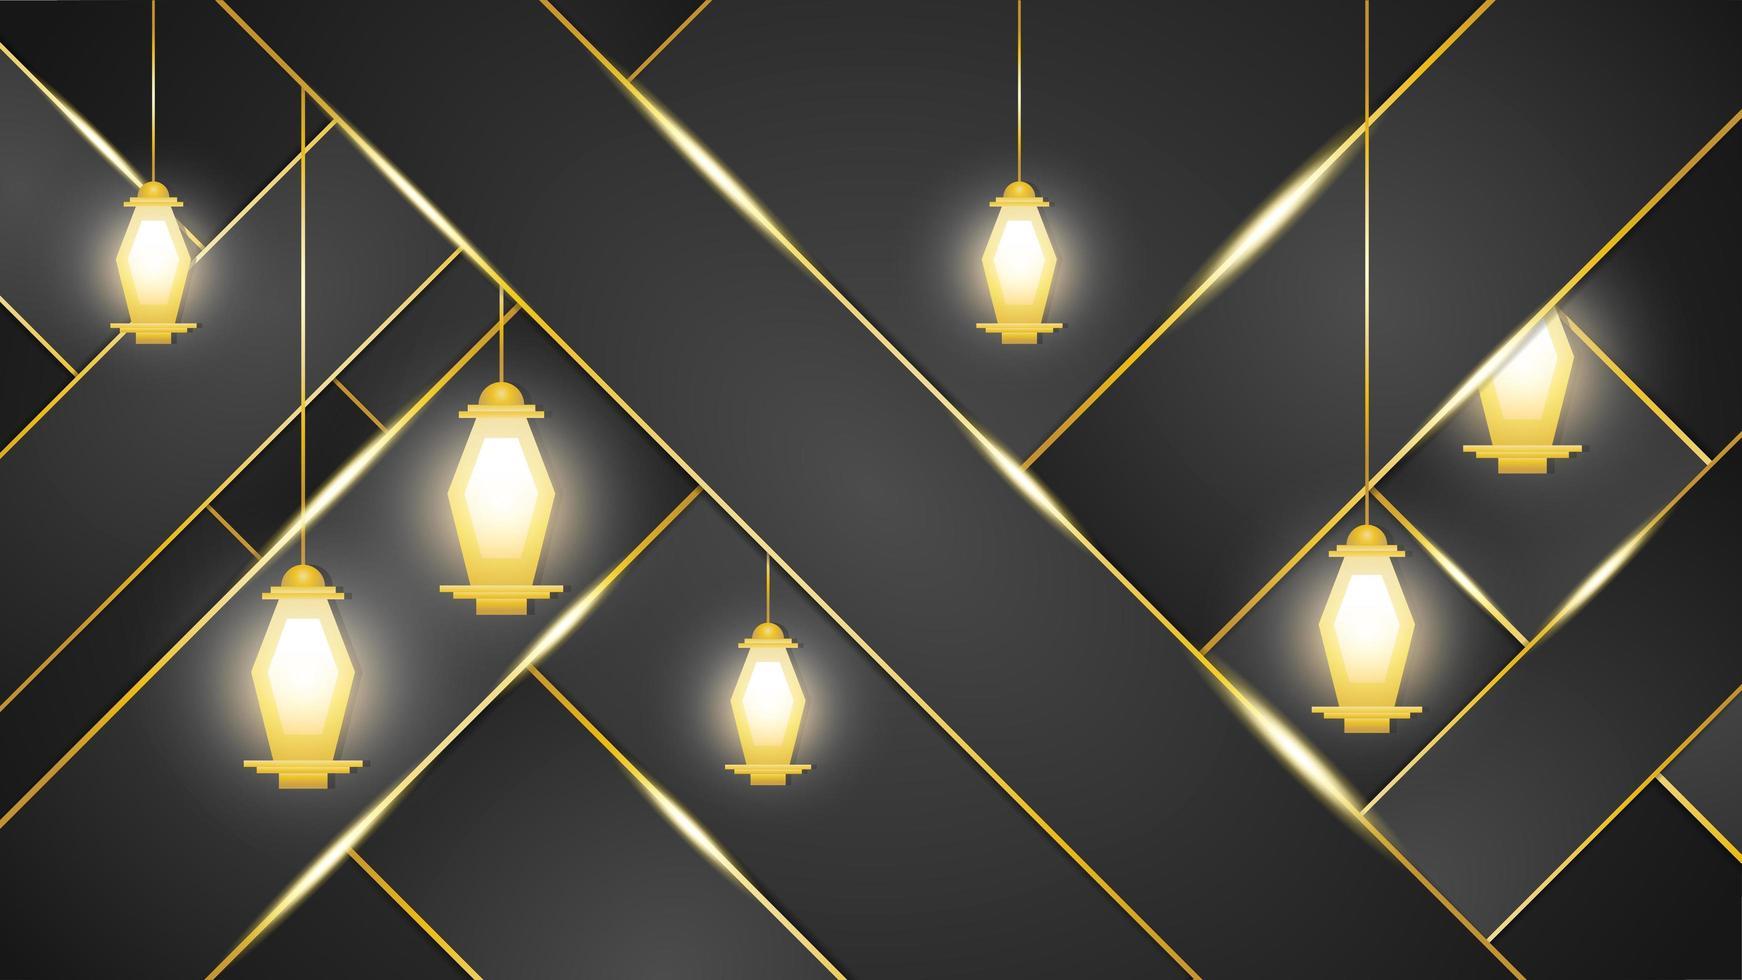 donkere achtergrond met gouden Arabische lantaarns vector